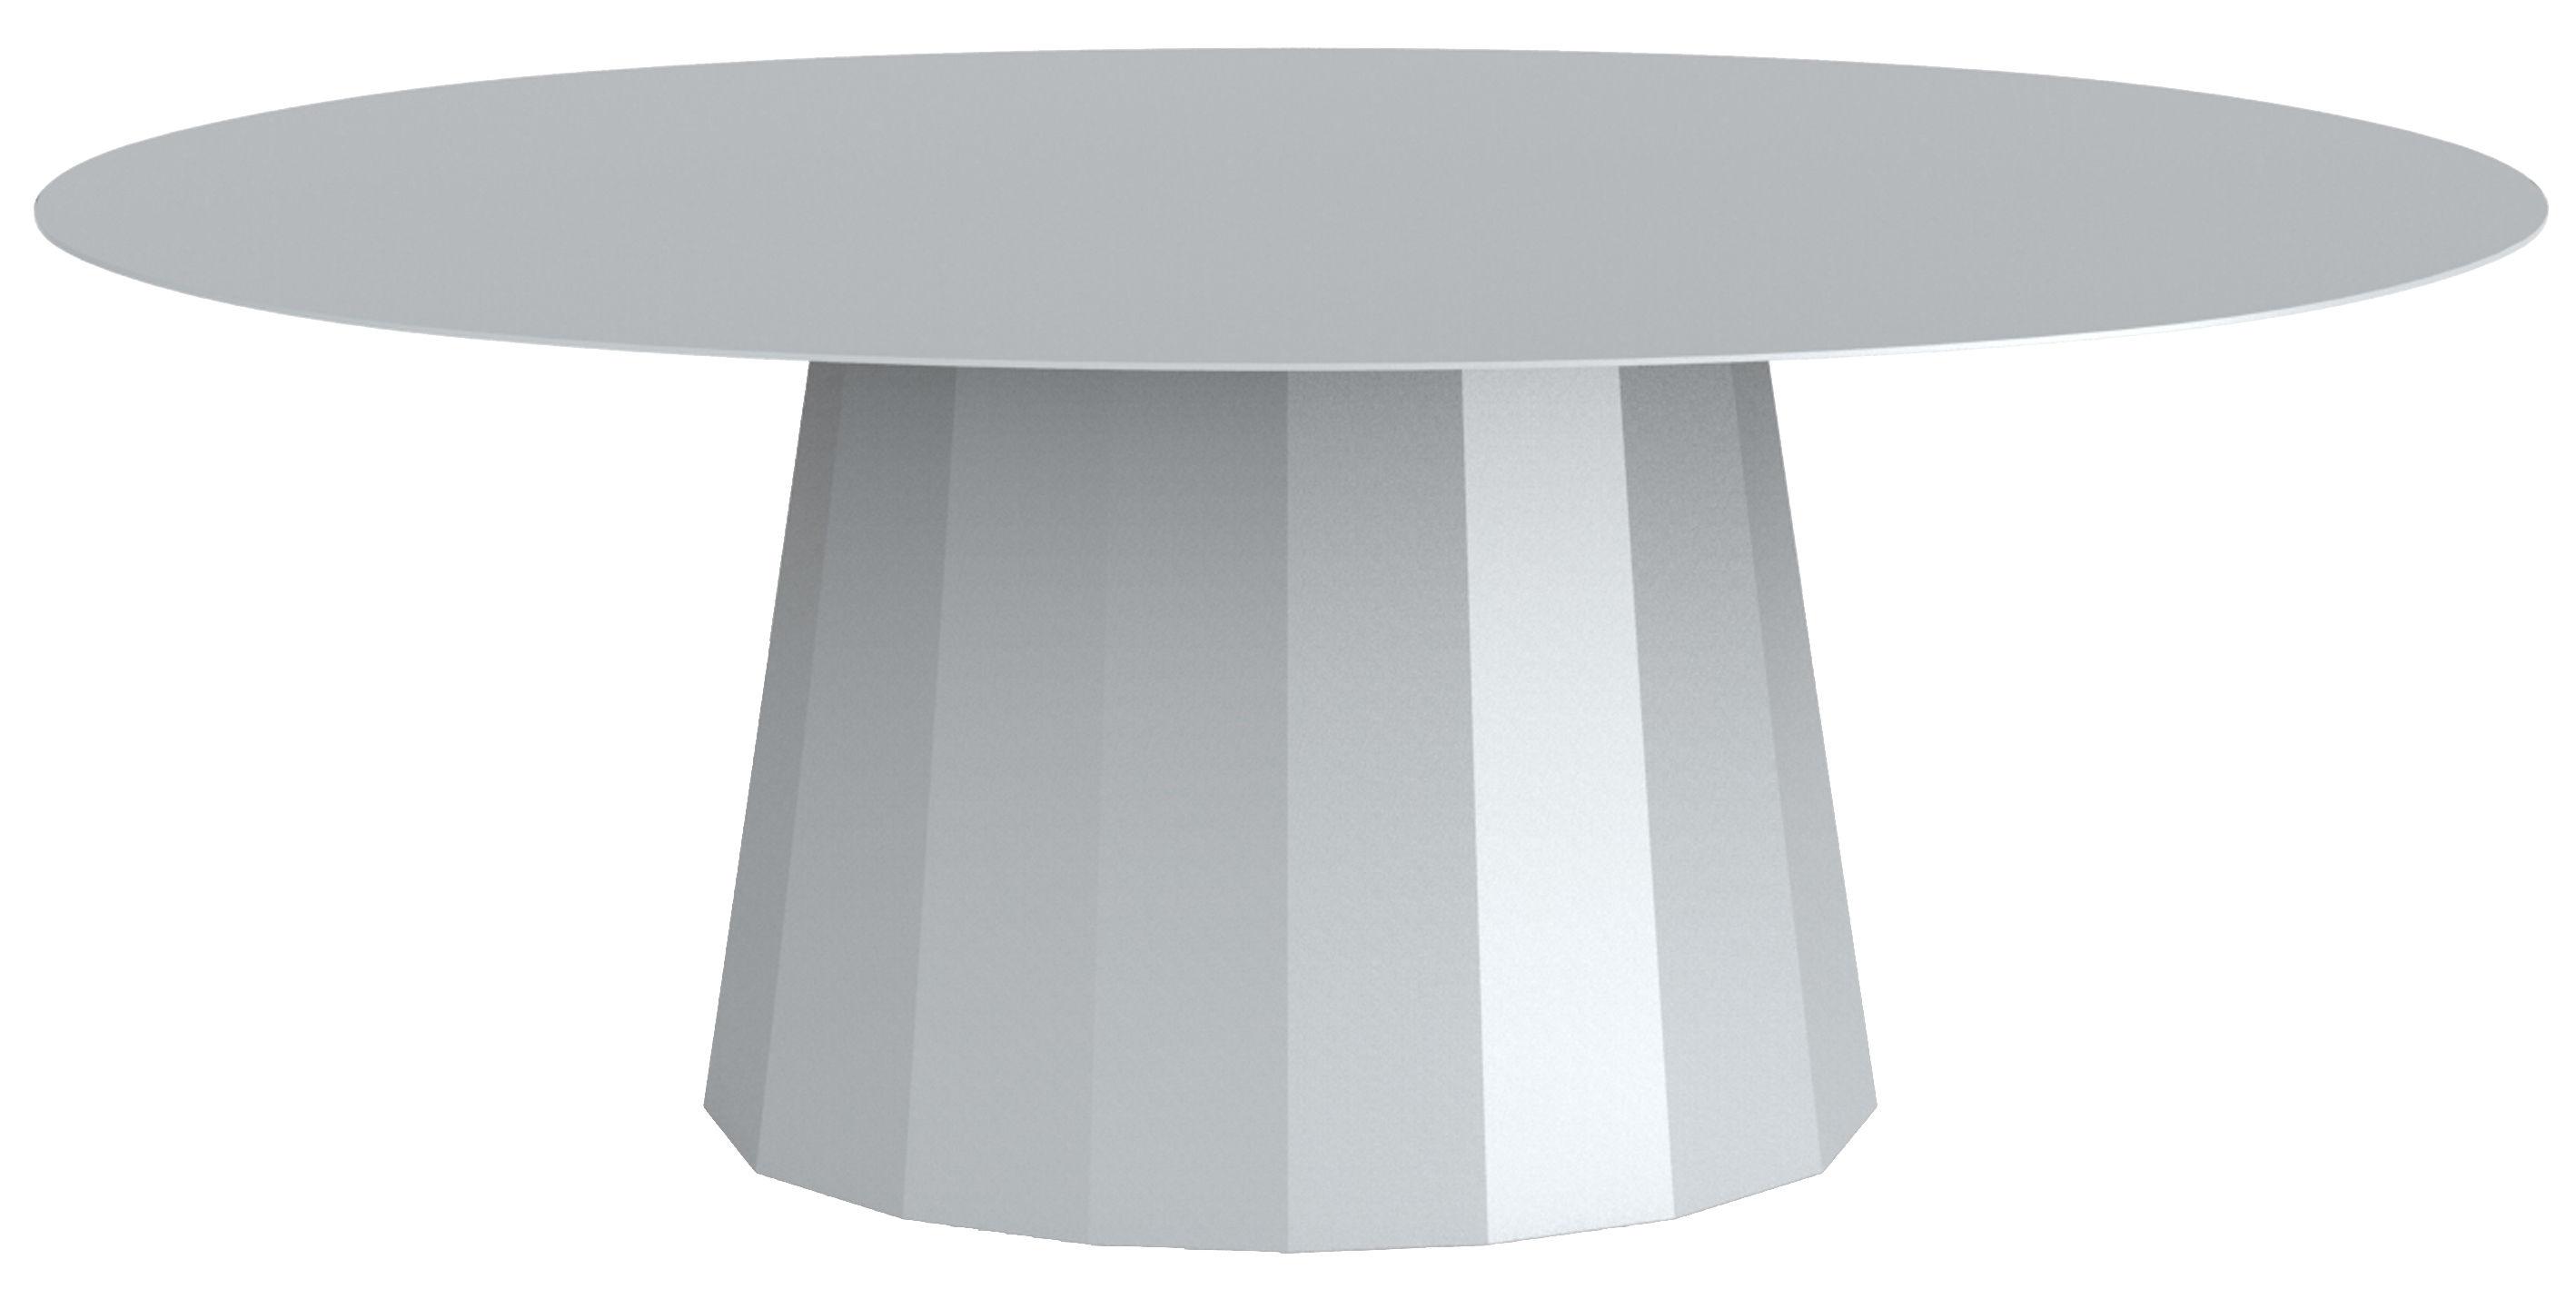 Mobilier - Tables basses - Table basse Ankara / L 109 x H 42 cm - Matière Grise - Gris - Acier peint